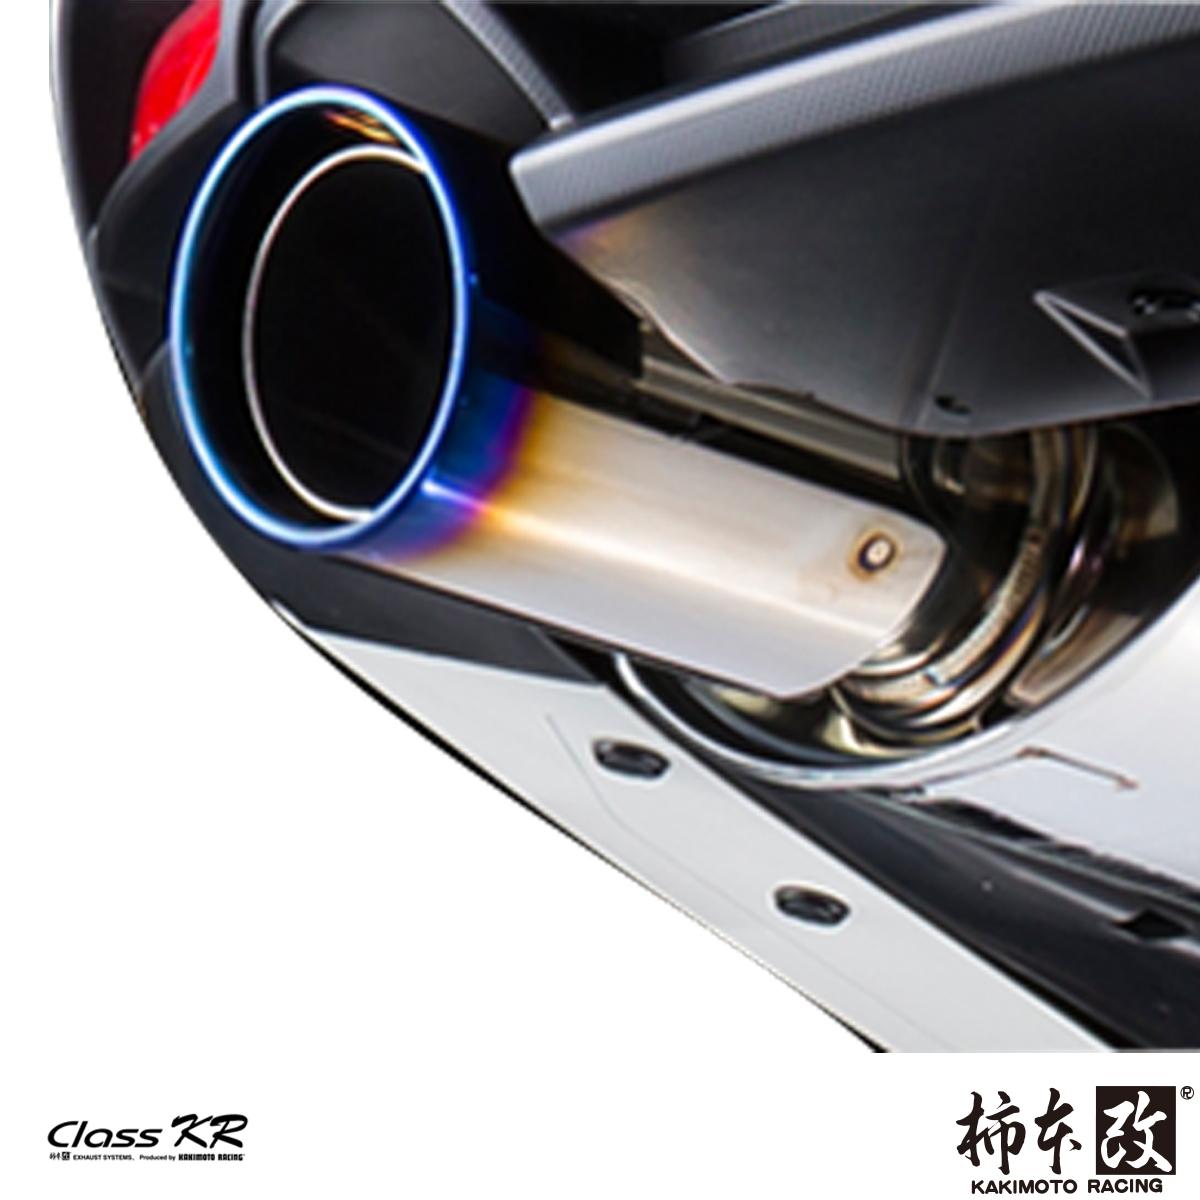 柿本 改 クラスKR アクセラセダン DBA-BM5FP マフラー 品番:Z71329 KAKIMOTO RACING Class KR 配送先条件有り